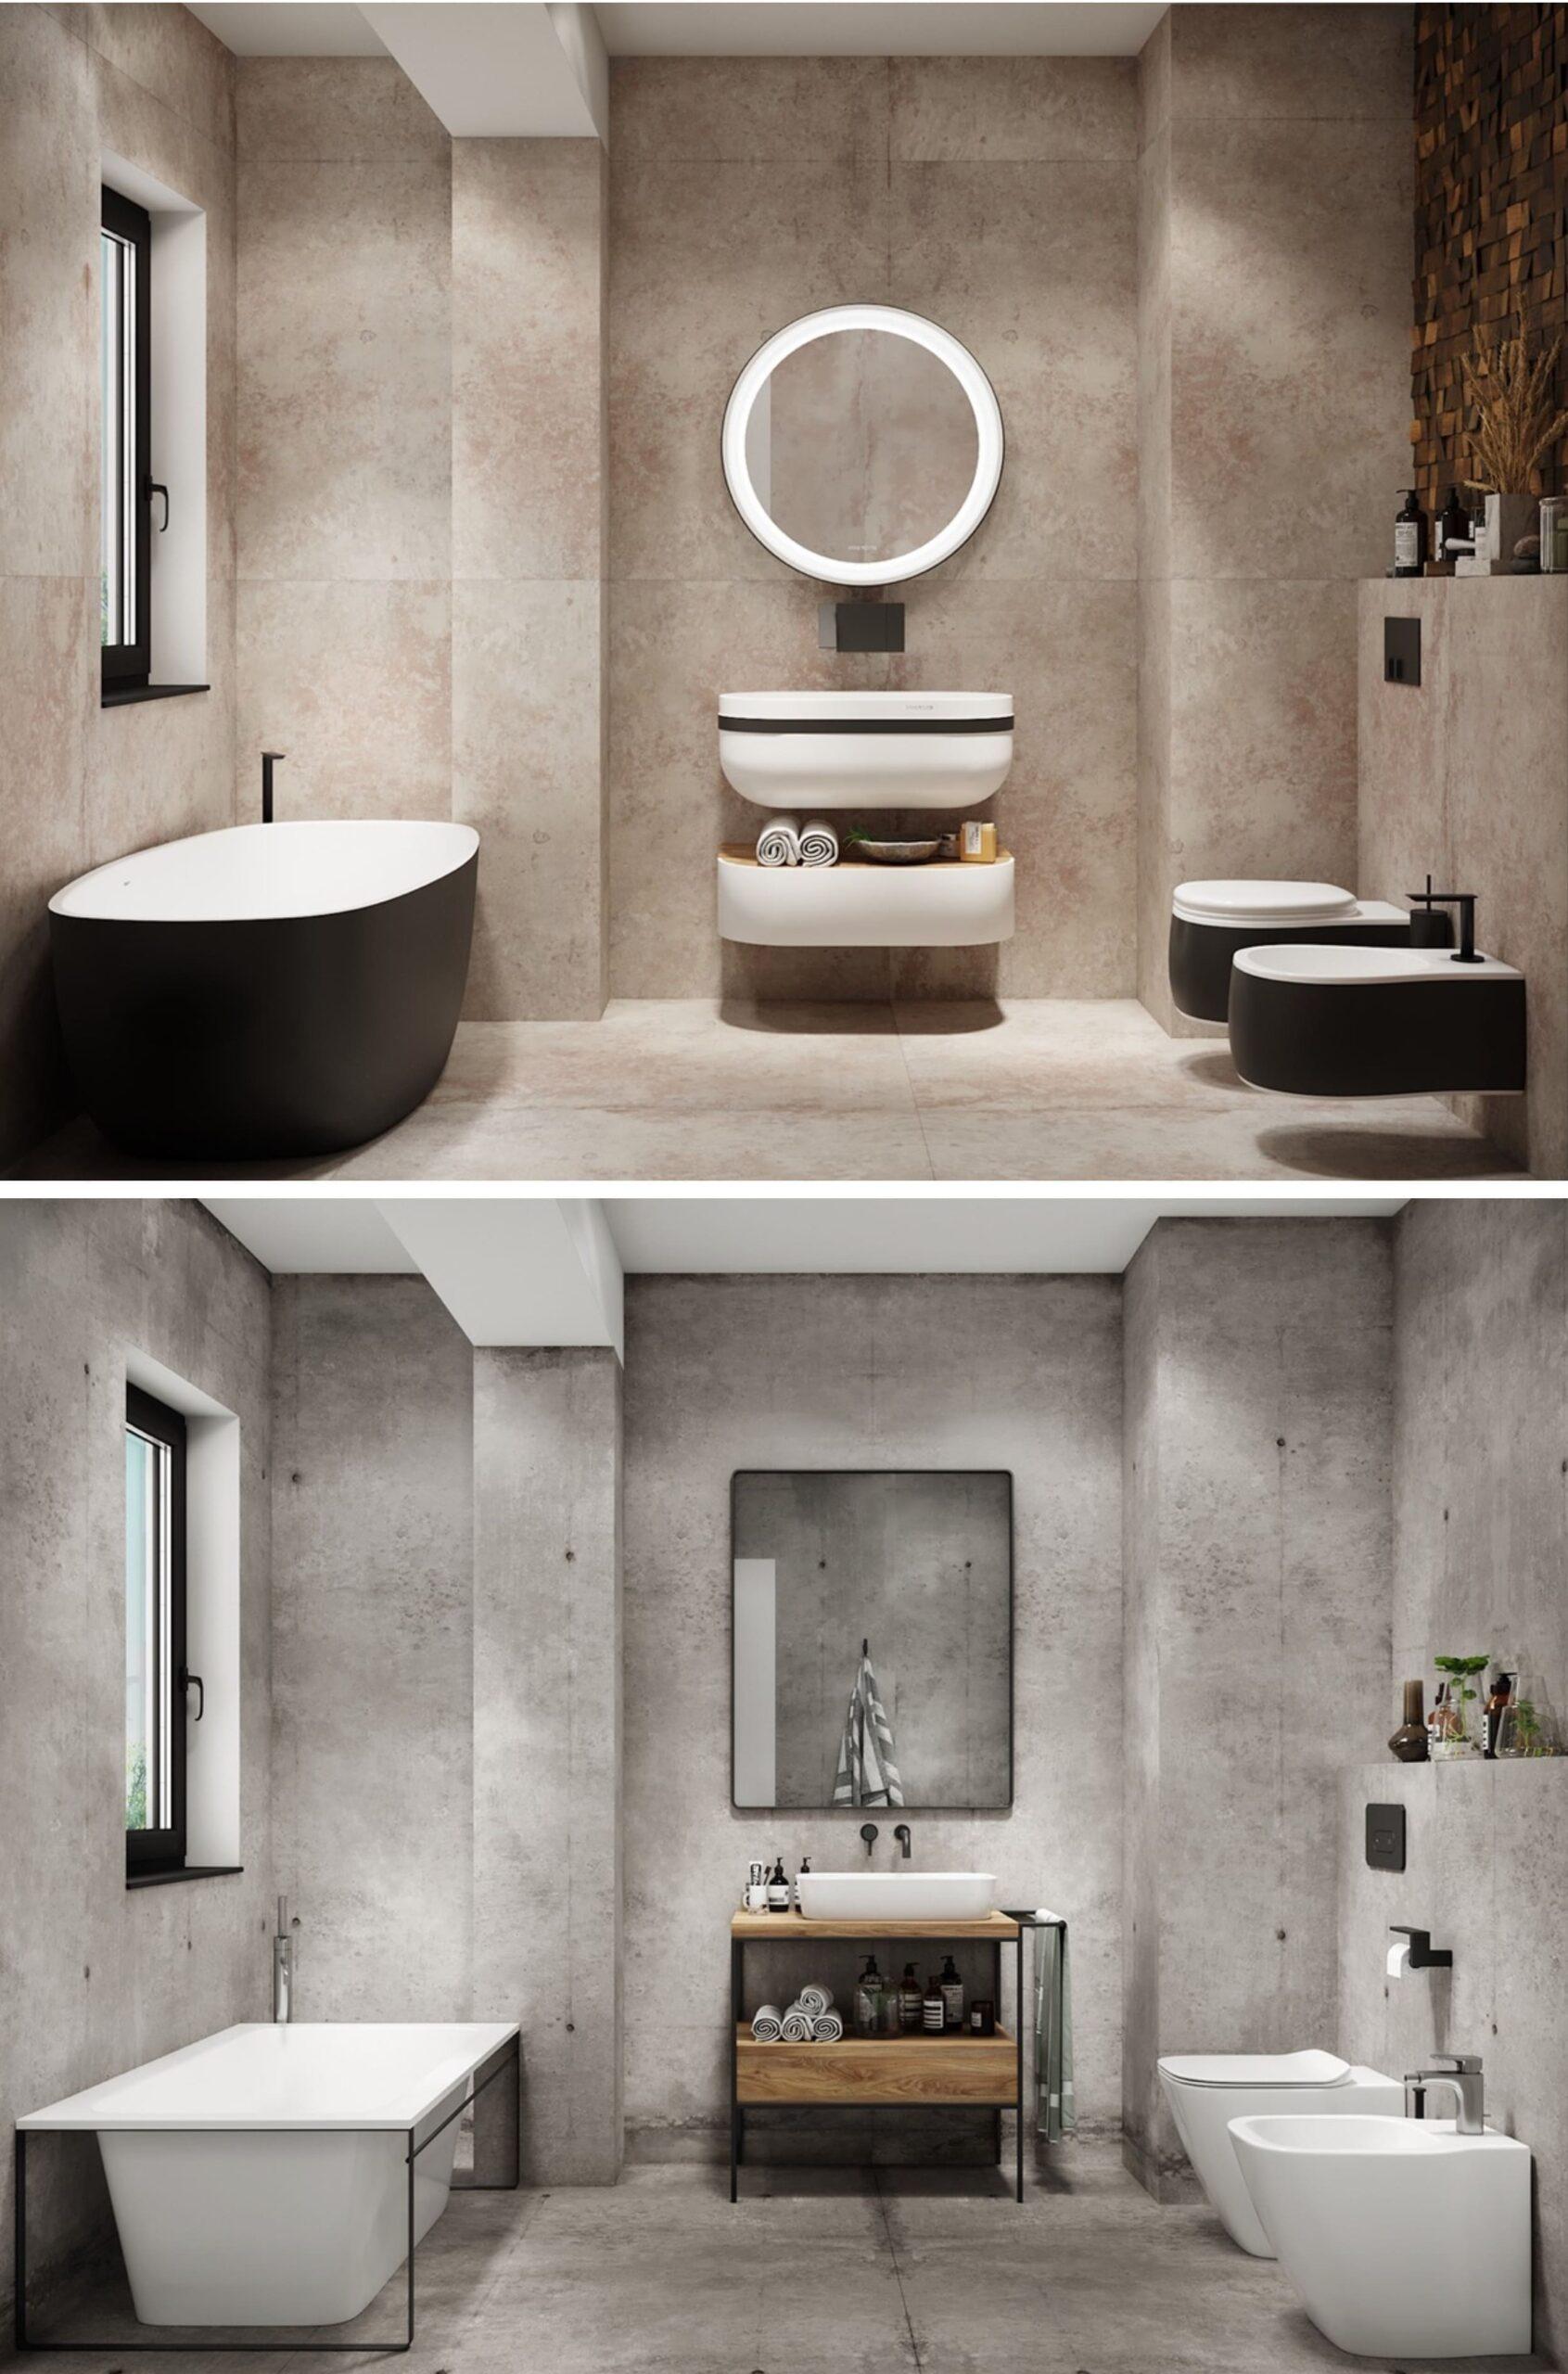 дизайн интерьера ванной комнаты фото 24